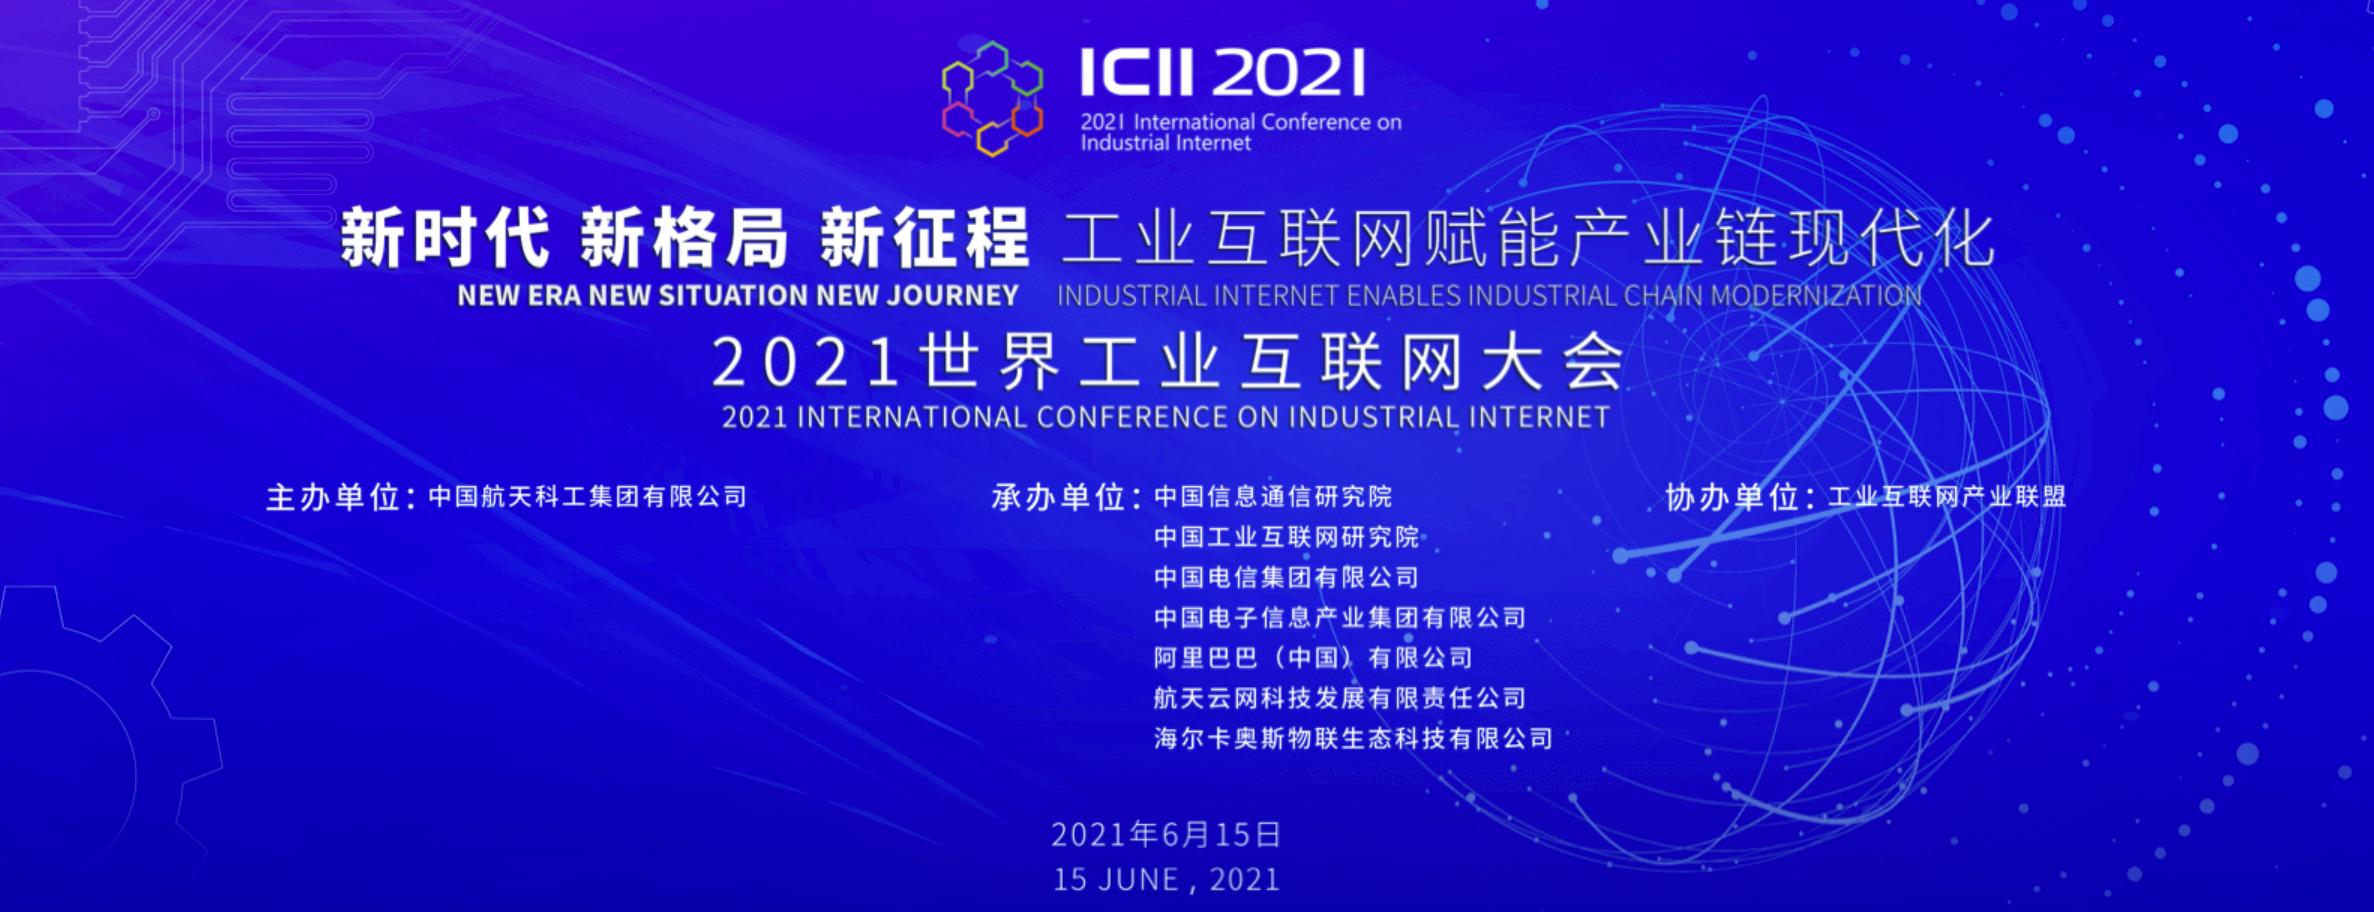 2021世界工业互联网大会